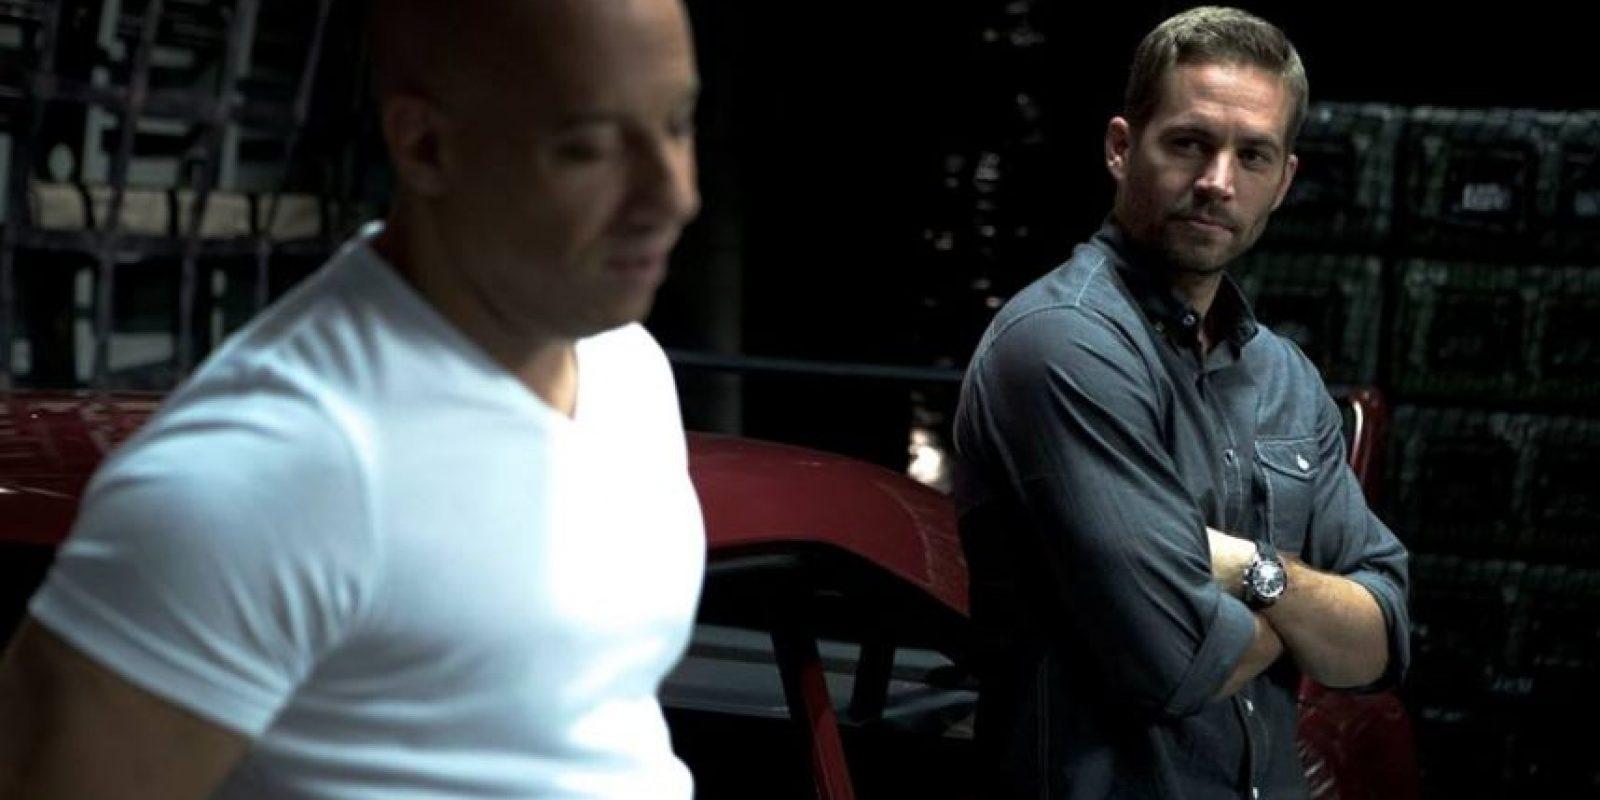 """Aquel día grabaron la escena en la que """"Brian O'Conner"""" (Walker) intenta resucitar a """"Toretto"""", quien cae en el asfalto después de saltar con su auto. Foto:Vía Facebook.com/VinDiesel"""